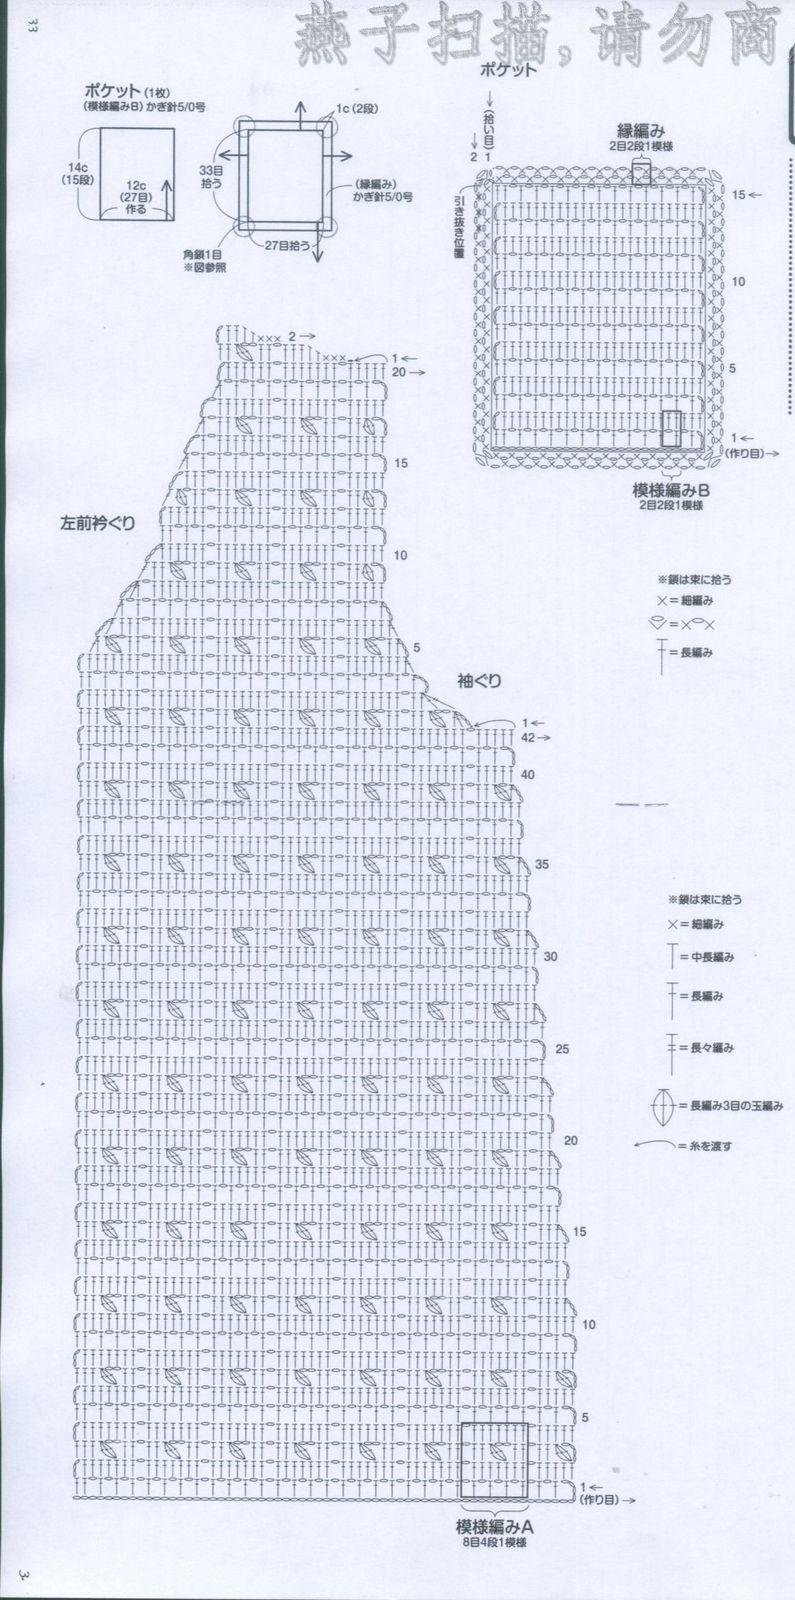 0913_Aiamu Olive vol.353 (16)